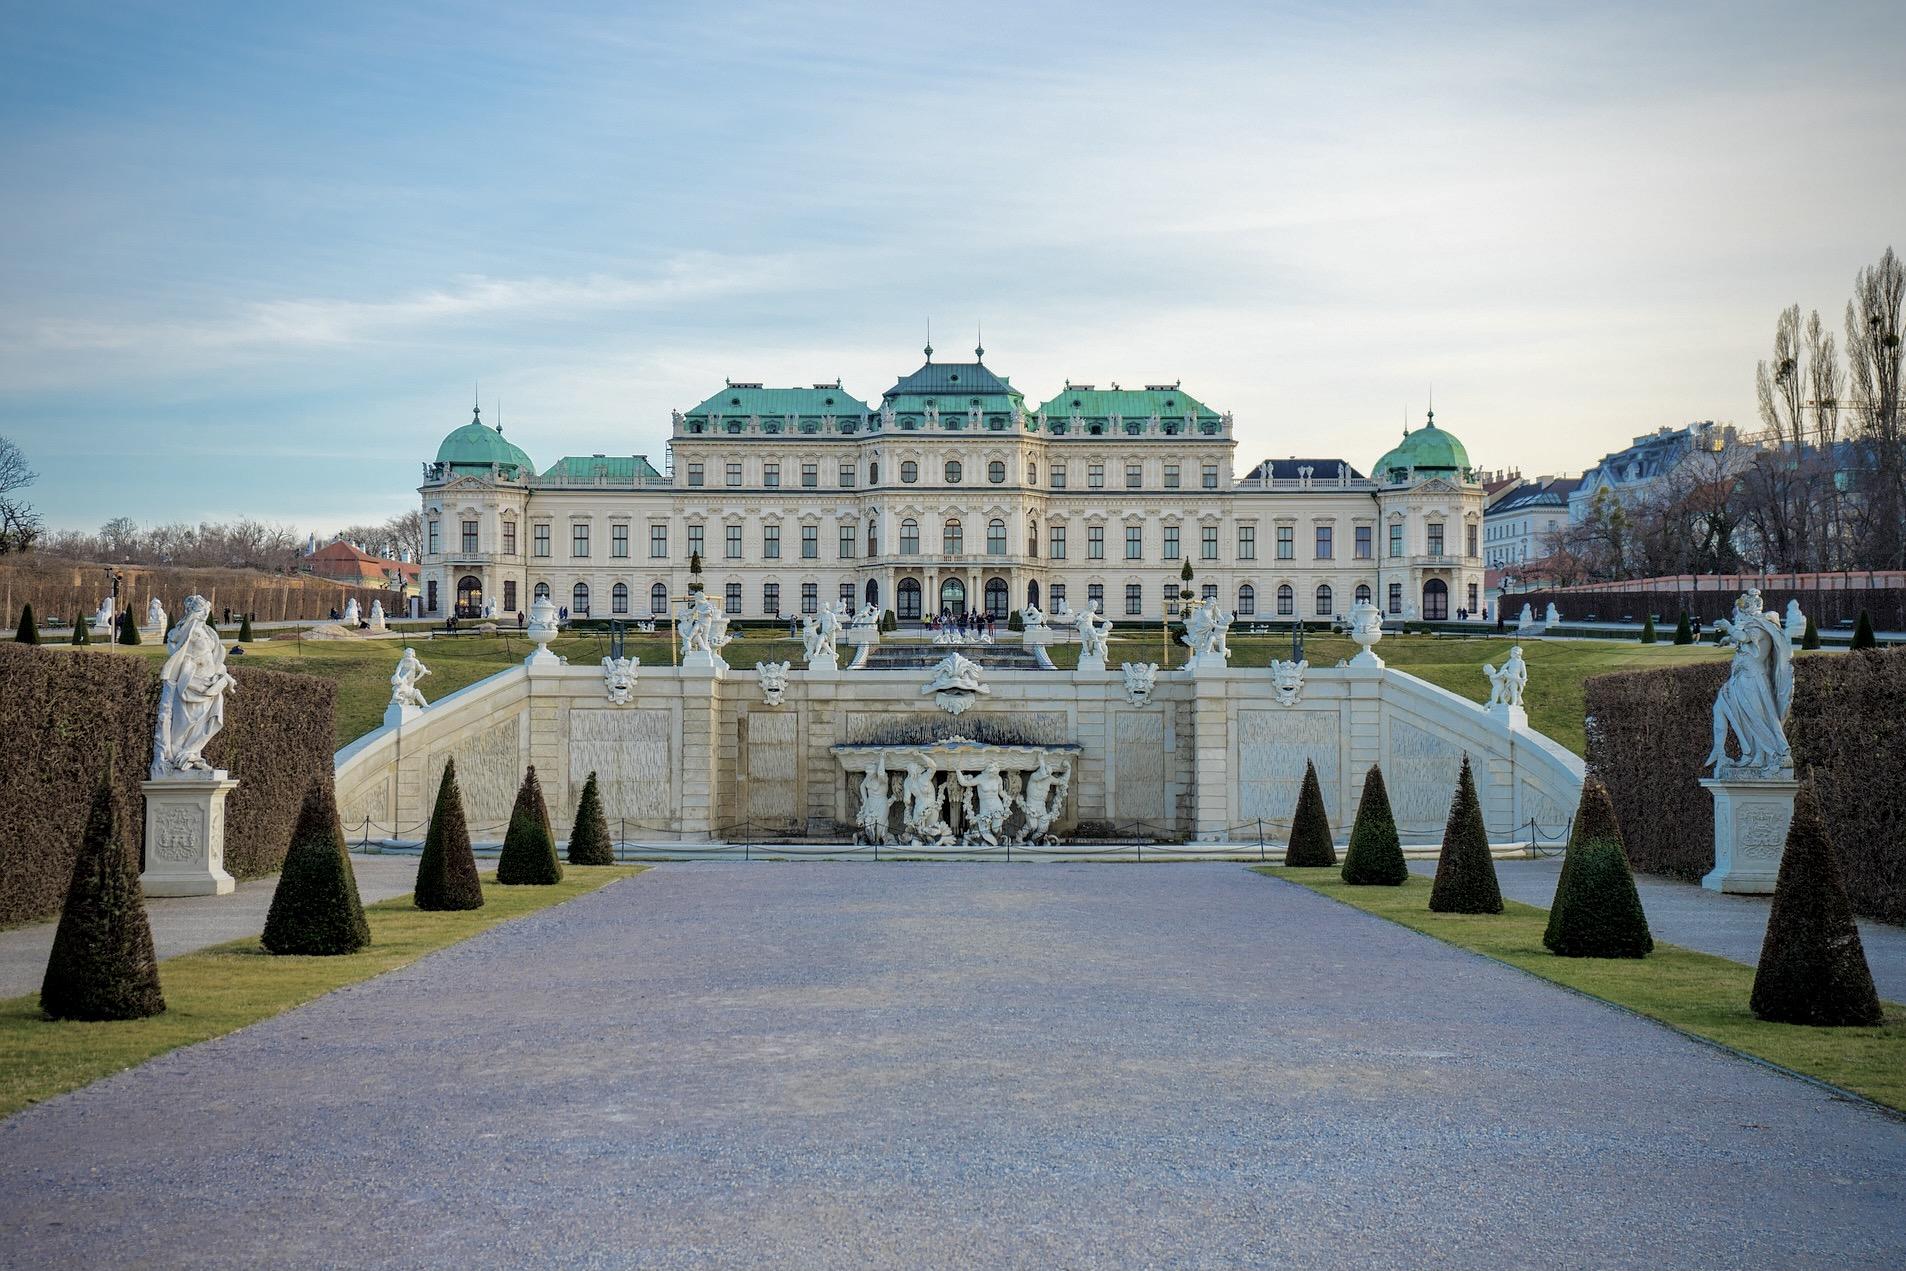 Wien passt für einen Städtetrip im Februar